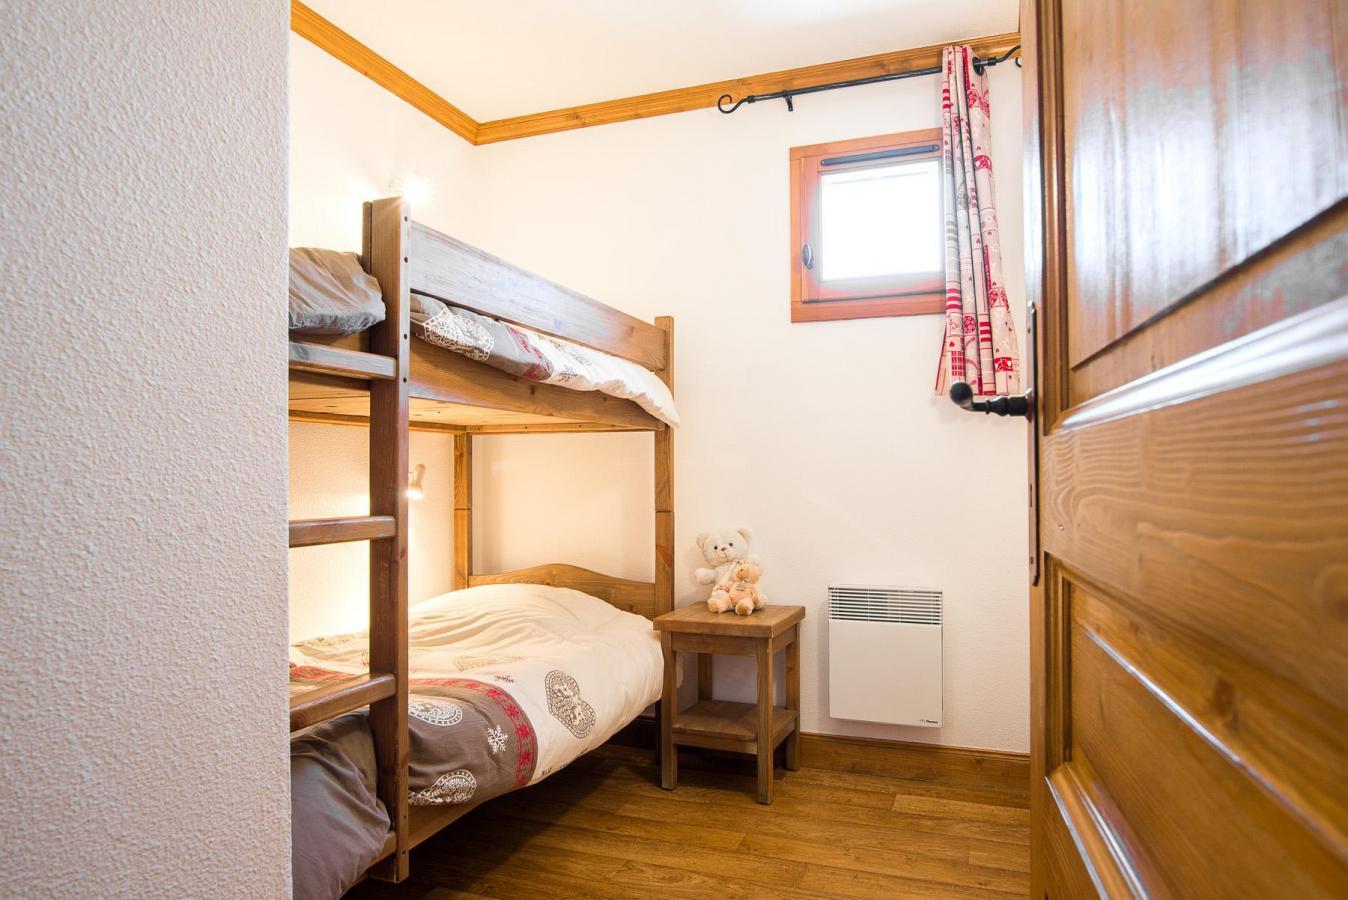 Location au ski Residence Le Clos Vanoise - Bessans - Lits superposés